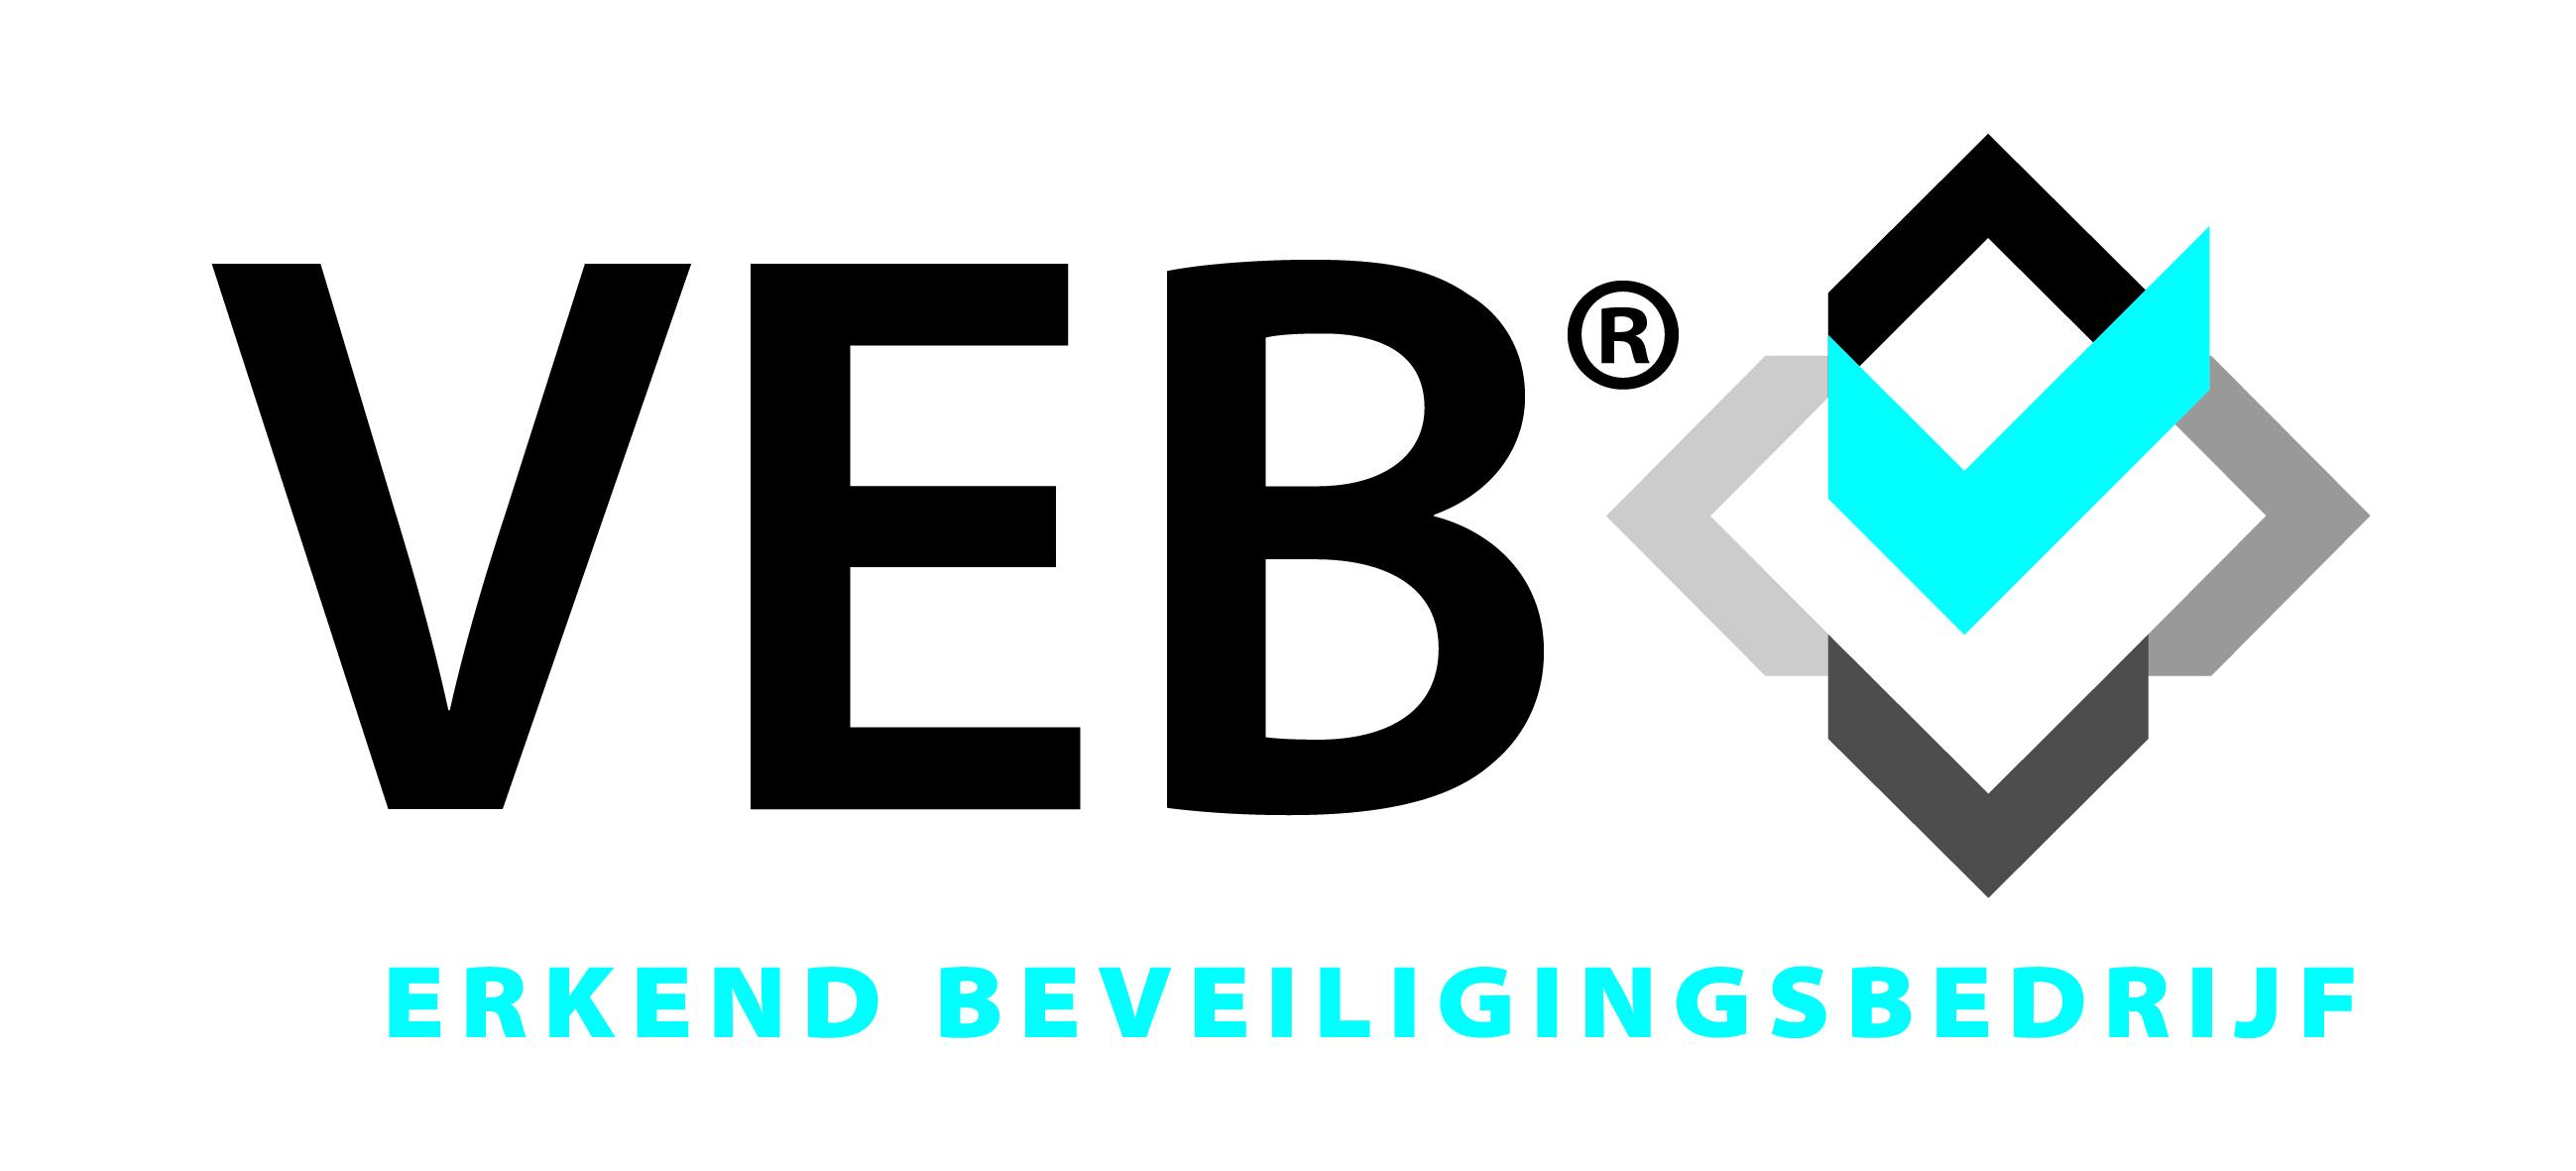 VEB- Vereniging Erkende Beveiligingsbedrijven